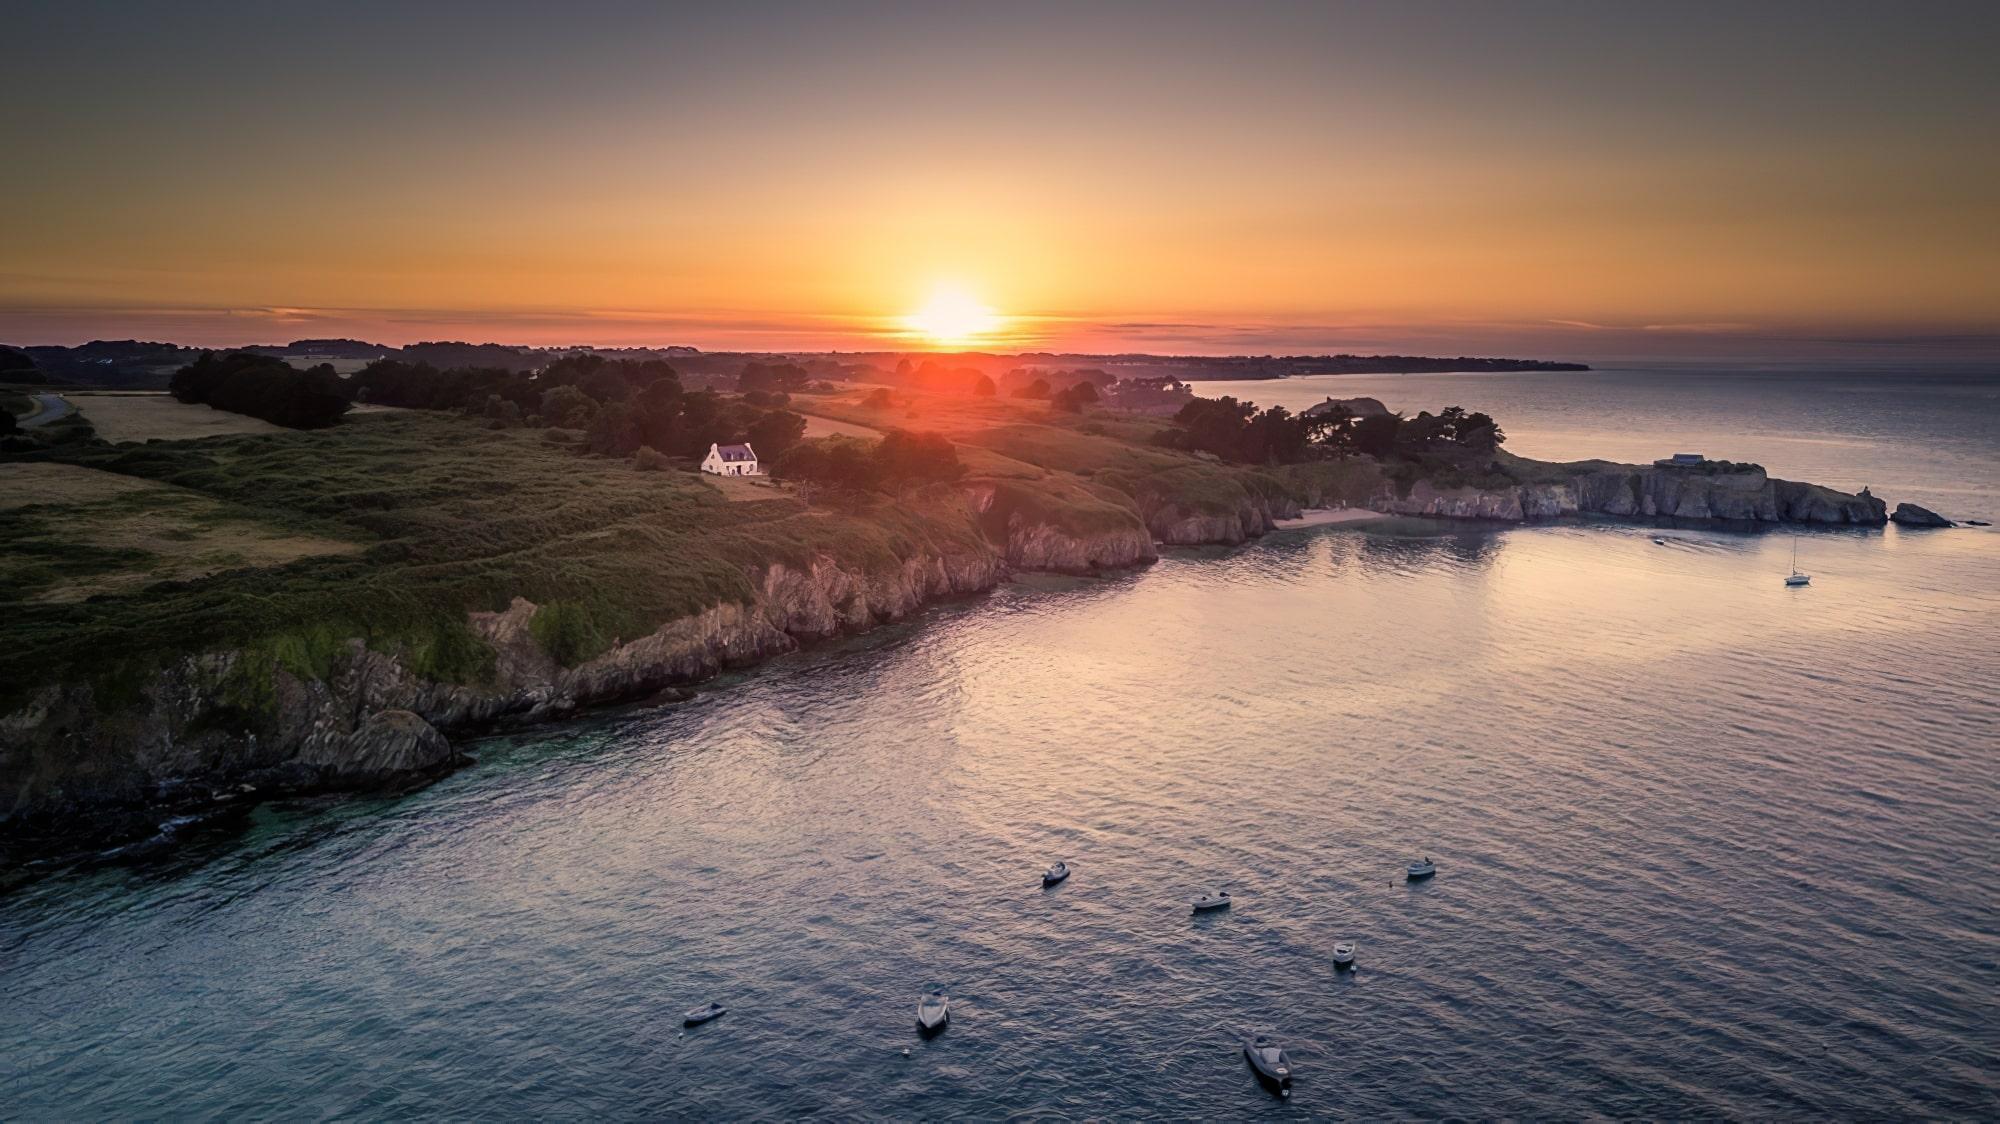 visiter belle ile en mer, beau coucher de soleil sur l'ile